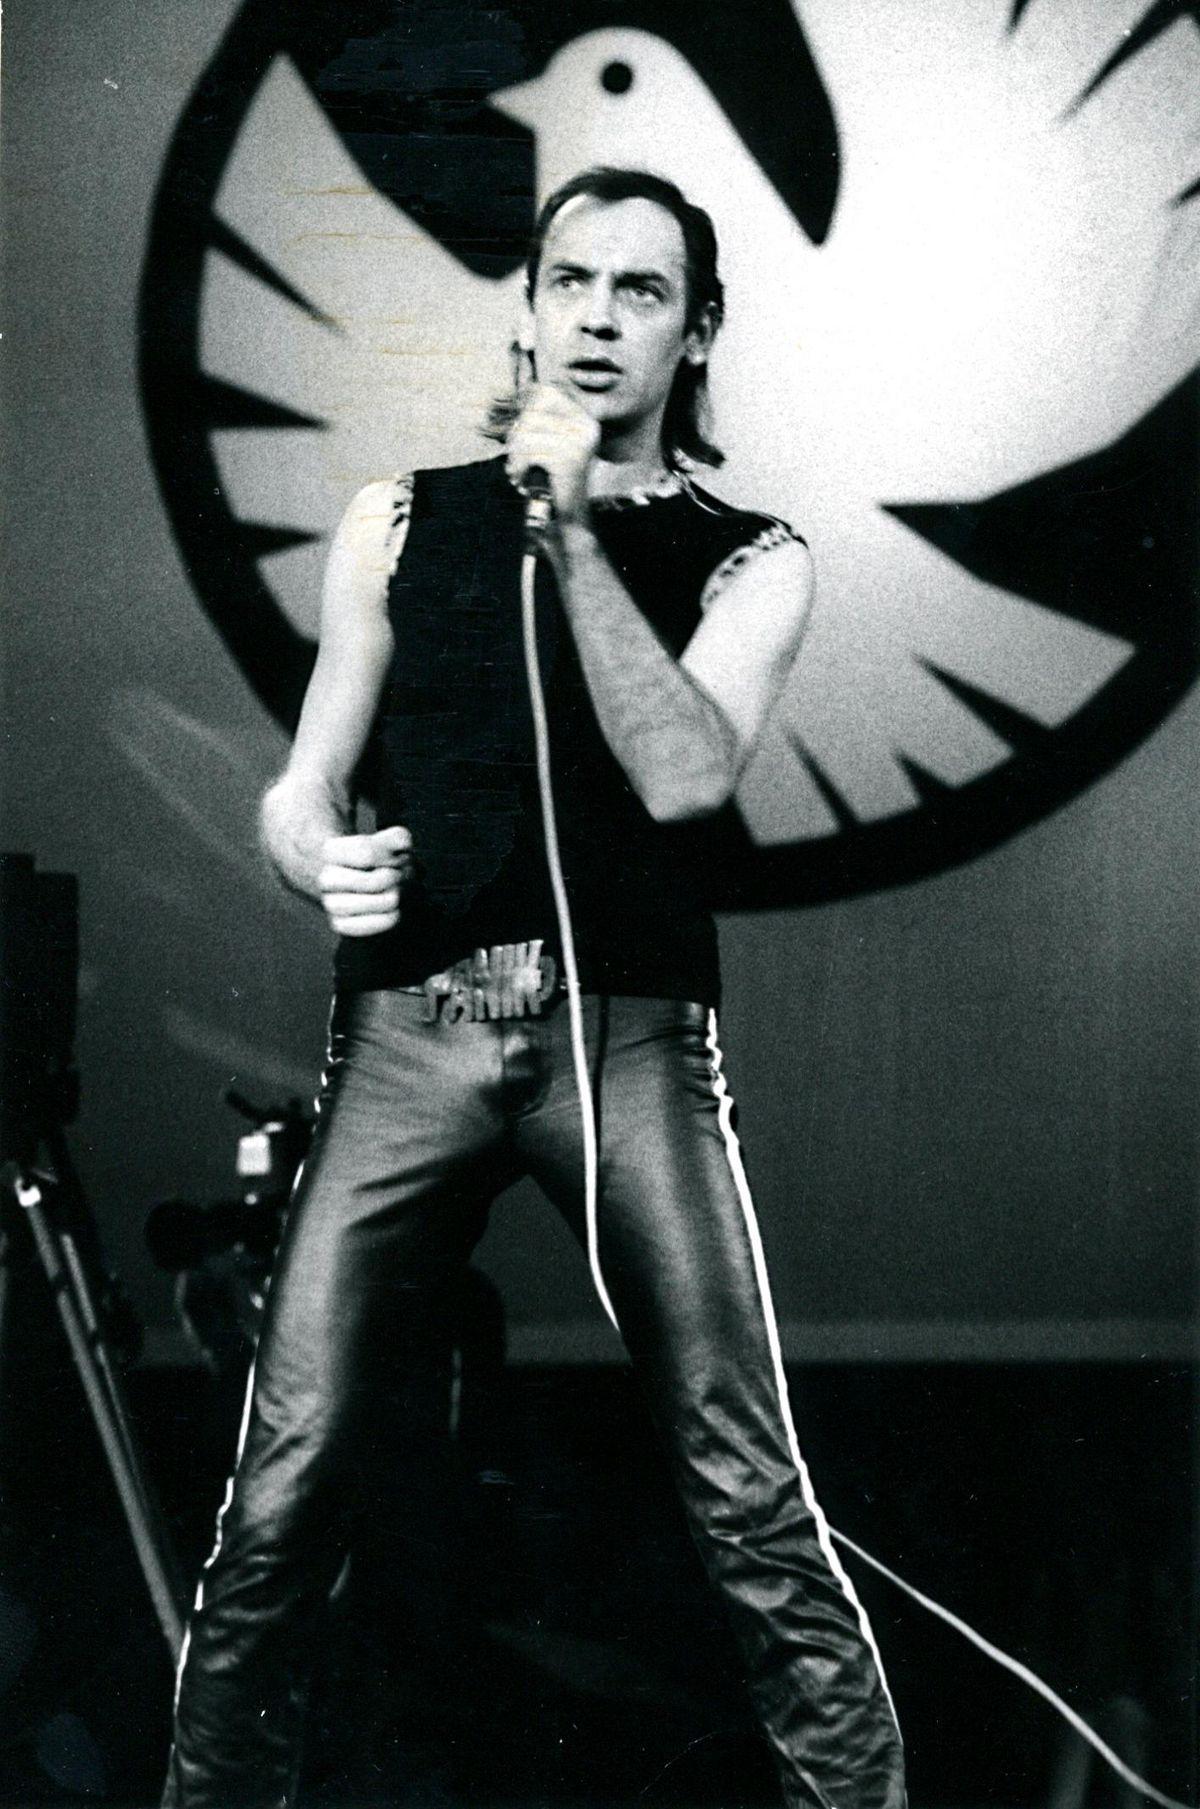 Das Bild zeigt Udo Lindenberg während seines Konzertes im Palast der Republik am 25. Oktober 1983. Der Sänger steht auf der Bühne, hält ein Mikrofon in der Hand und singt. Er trägt ein ärmelloses schwarzes Shirt und eine schwarze Lederhose. Diese wird gehalten von einem Gürtel mit einer Gürtelschnalle, die aus dem Schriftzug 'Panik' besteht. Hinter Lindenberg ist eine große, an die Wand angebrachte Friedenstaube zu erkennen.